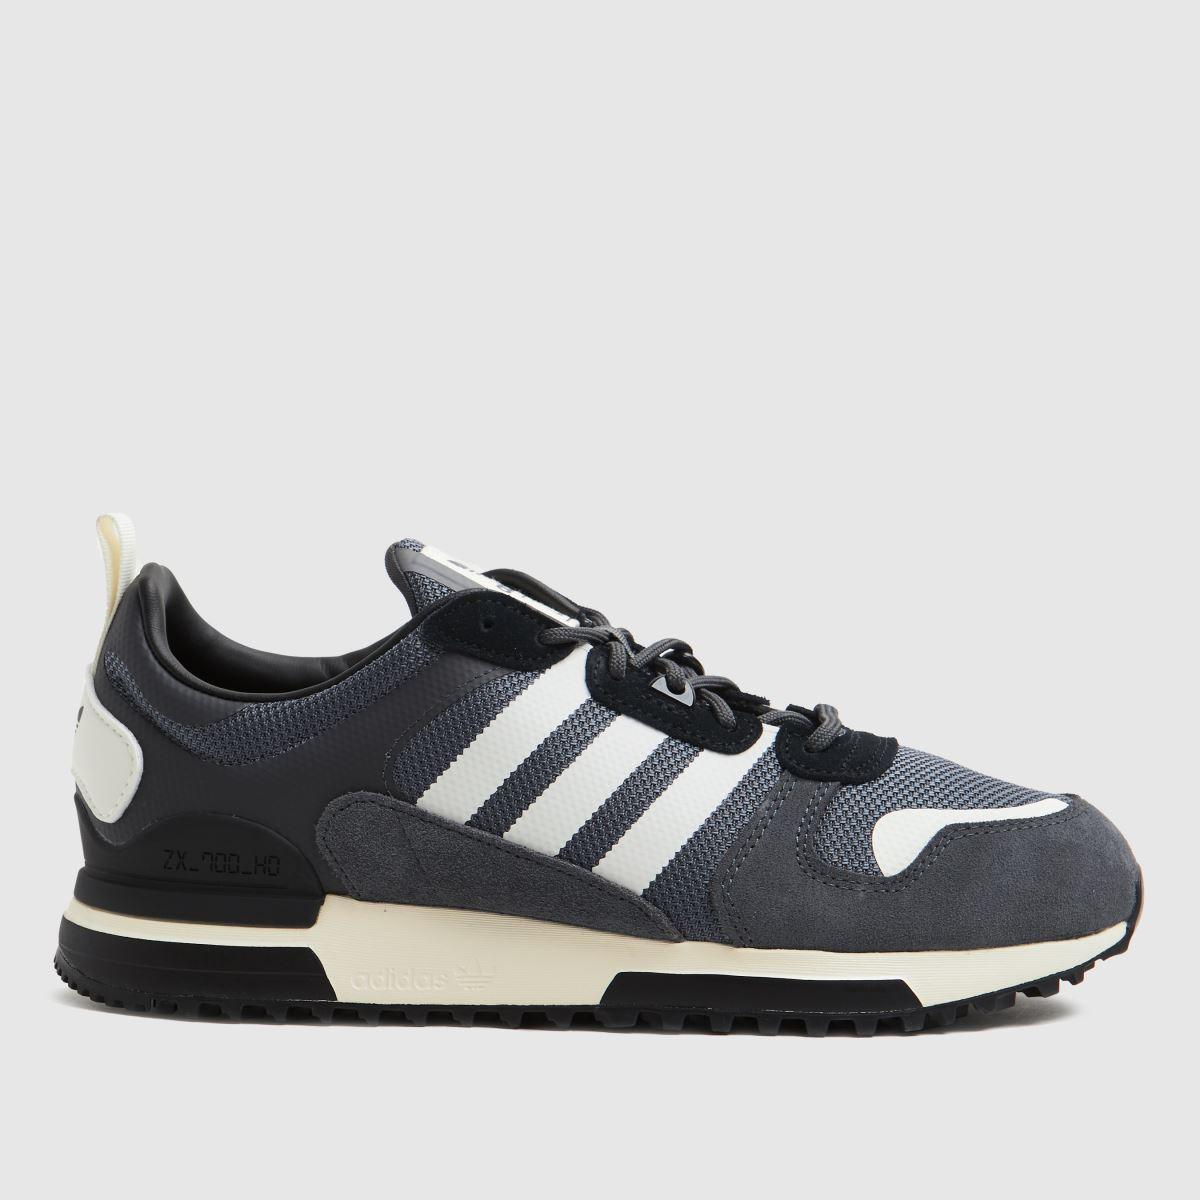 Adidas Grey & Black Adi Zx 700 Hd Trainers